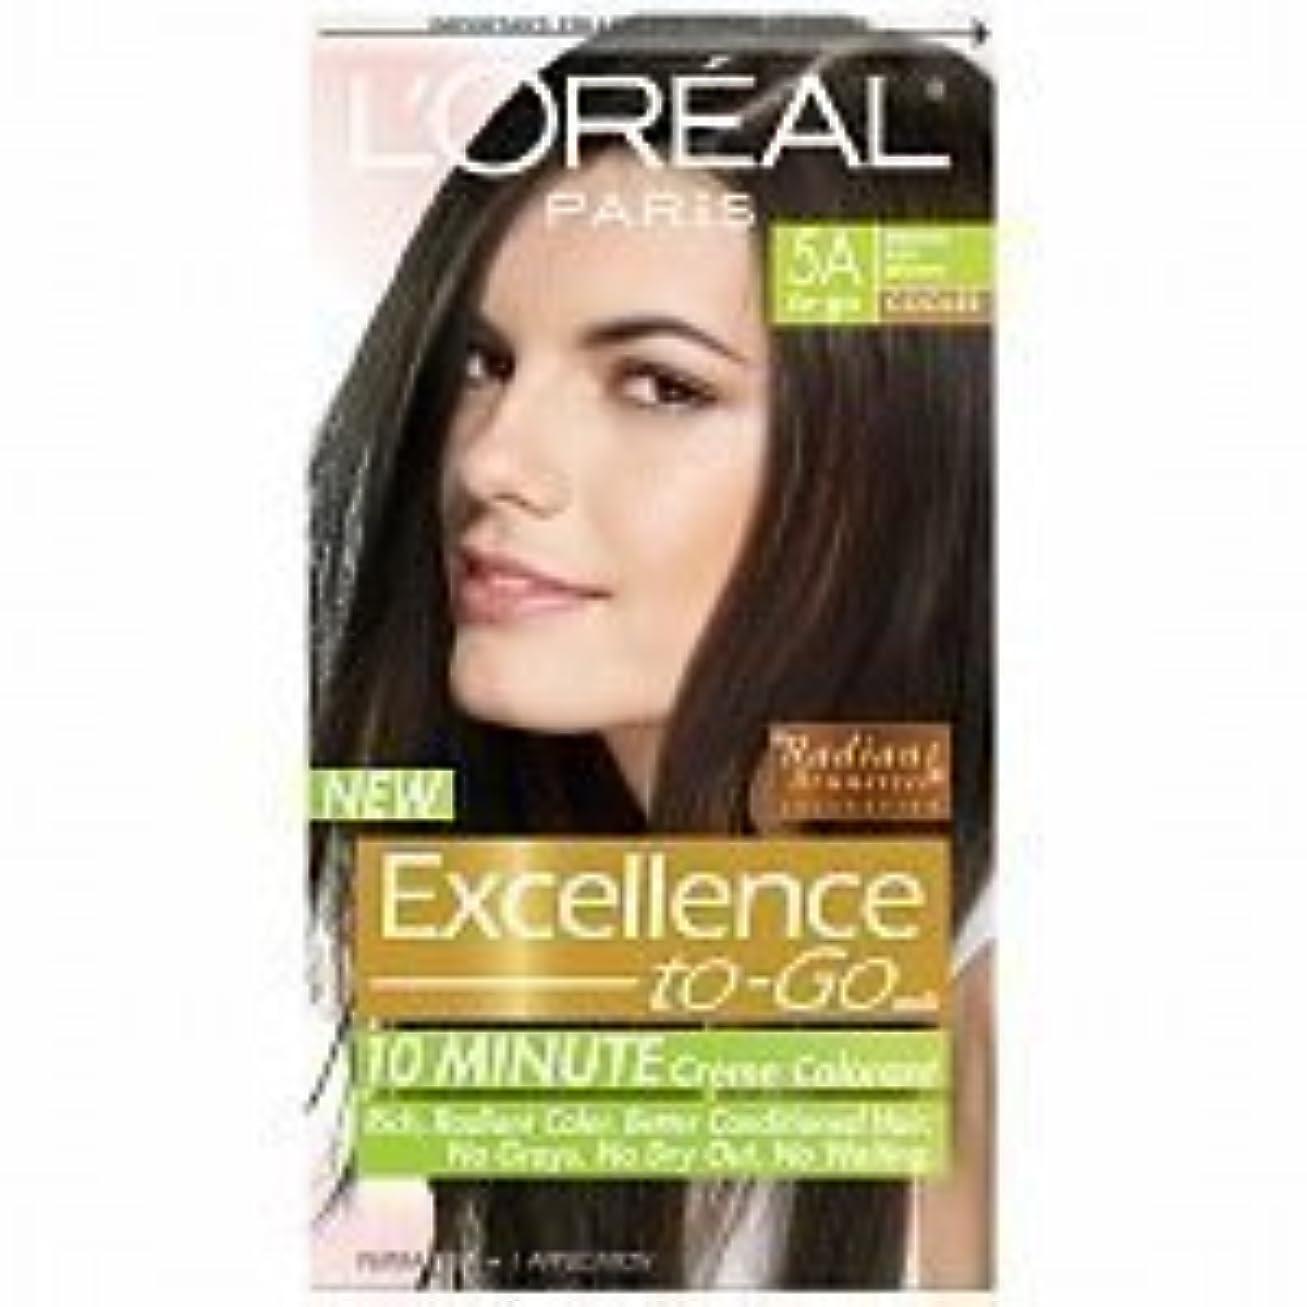 解明するマージン発信L'Oreal Paris Excellence To-Go 10-Minute Cr?N?Nme Coloring, Medium Ash Brown 5A by L'Oreal Paris Hair Color [並行輸入品]